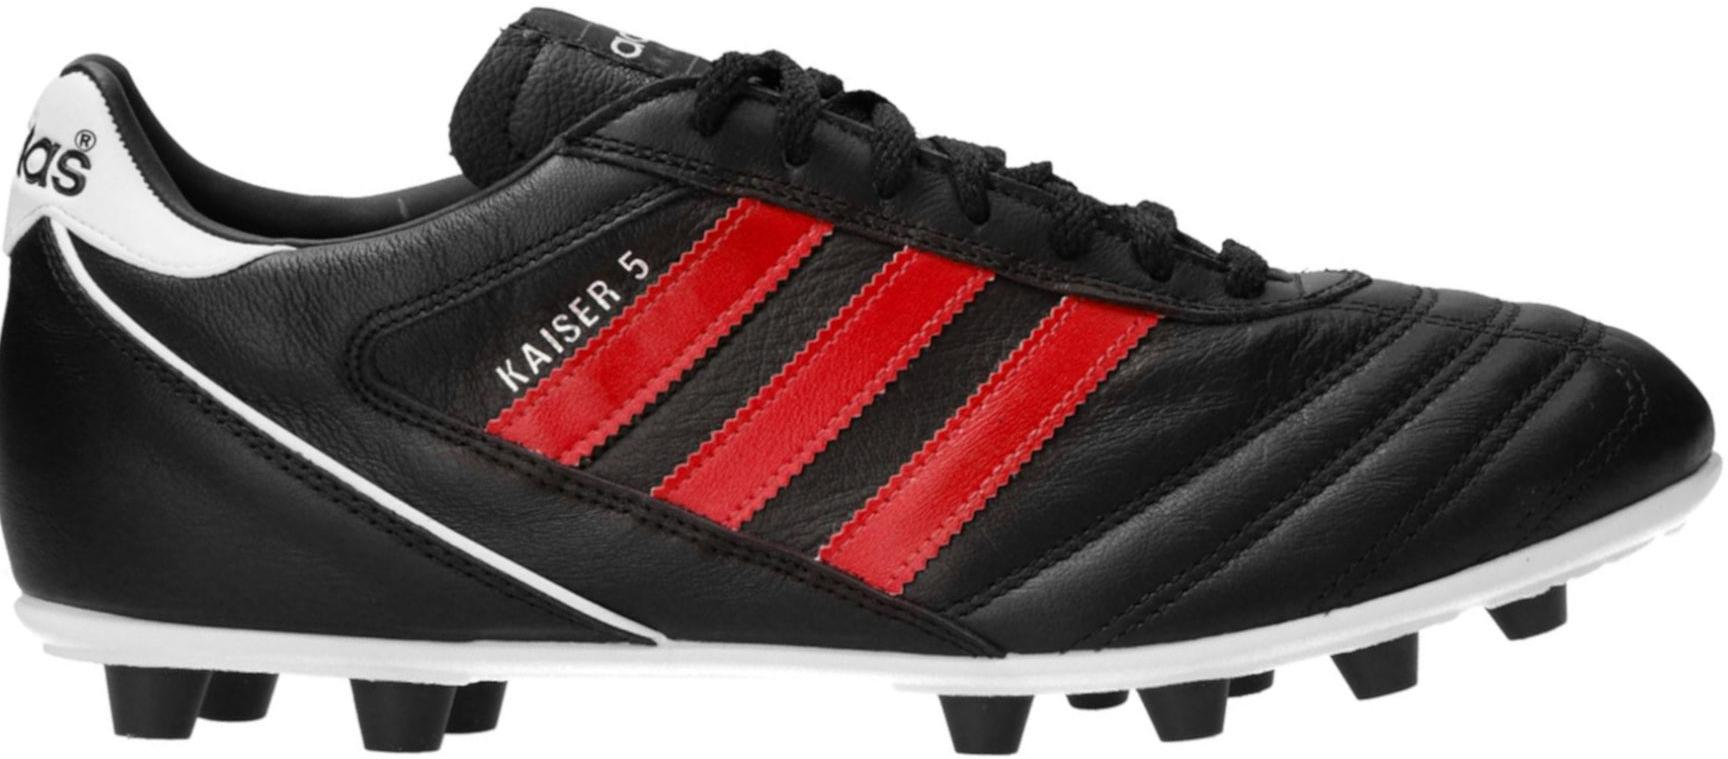 Kopačky adidas  Kaiser 5 Liga FG Red Stripes Schwarz černá